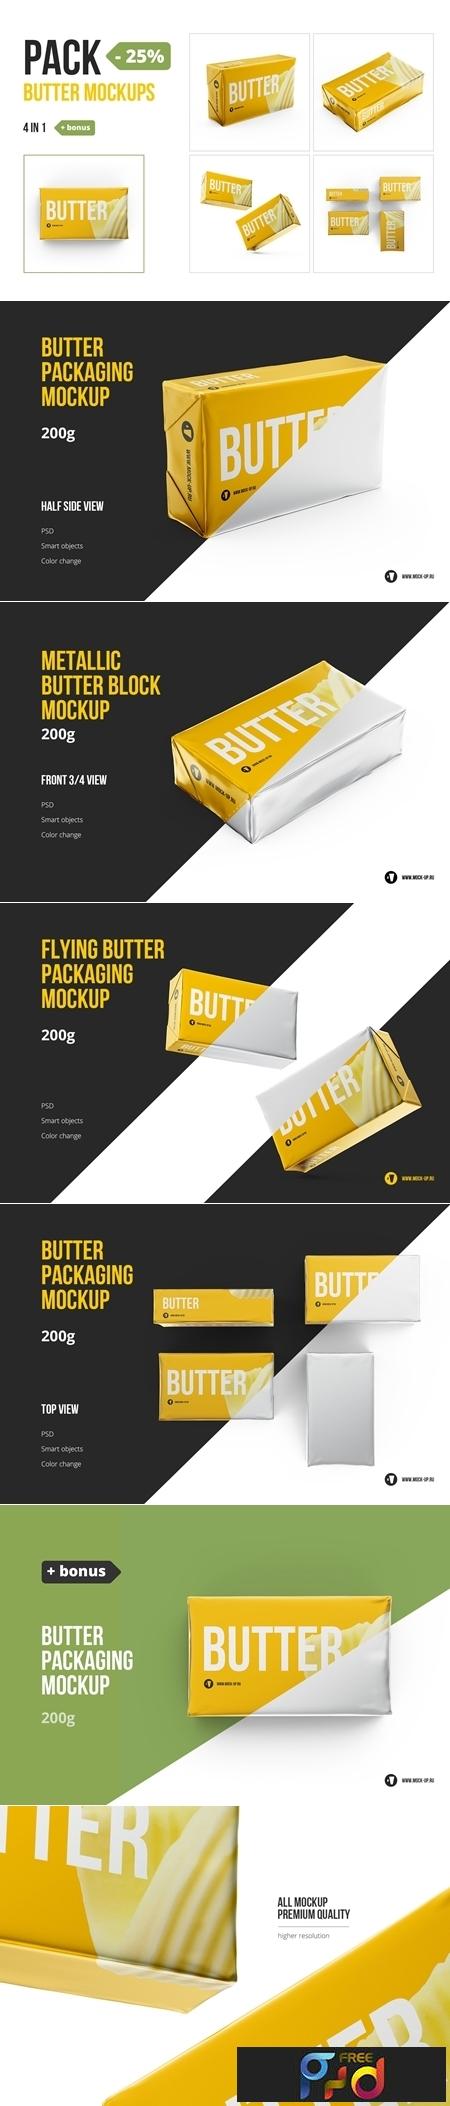 Butter 200g. Pack 4 in 1 + bonus 3564113 1